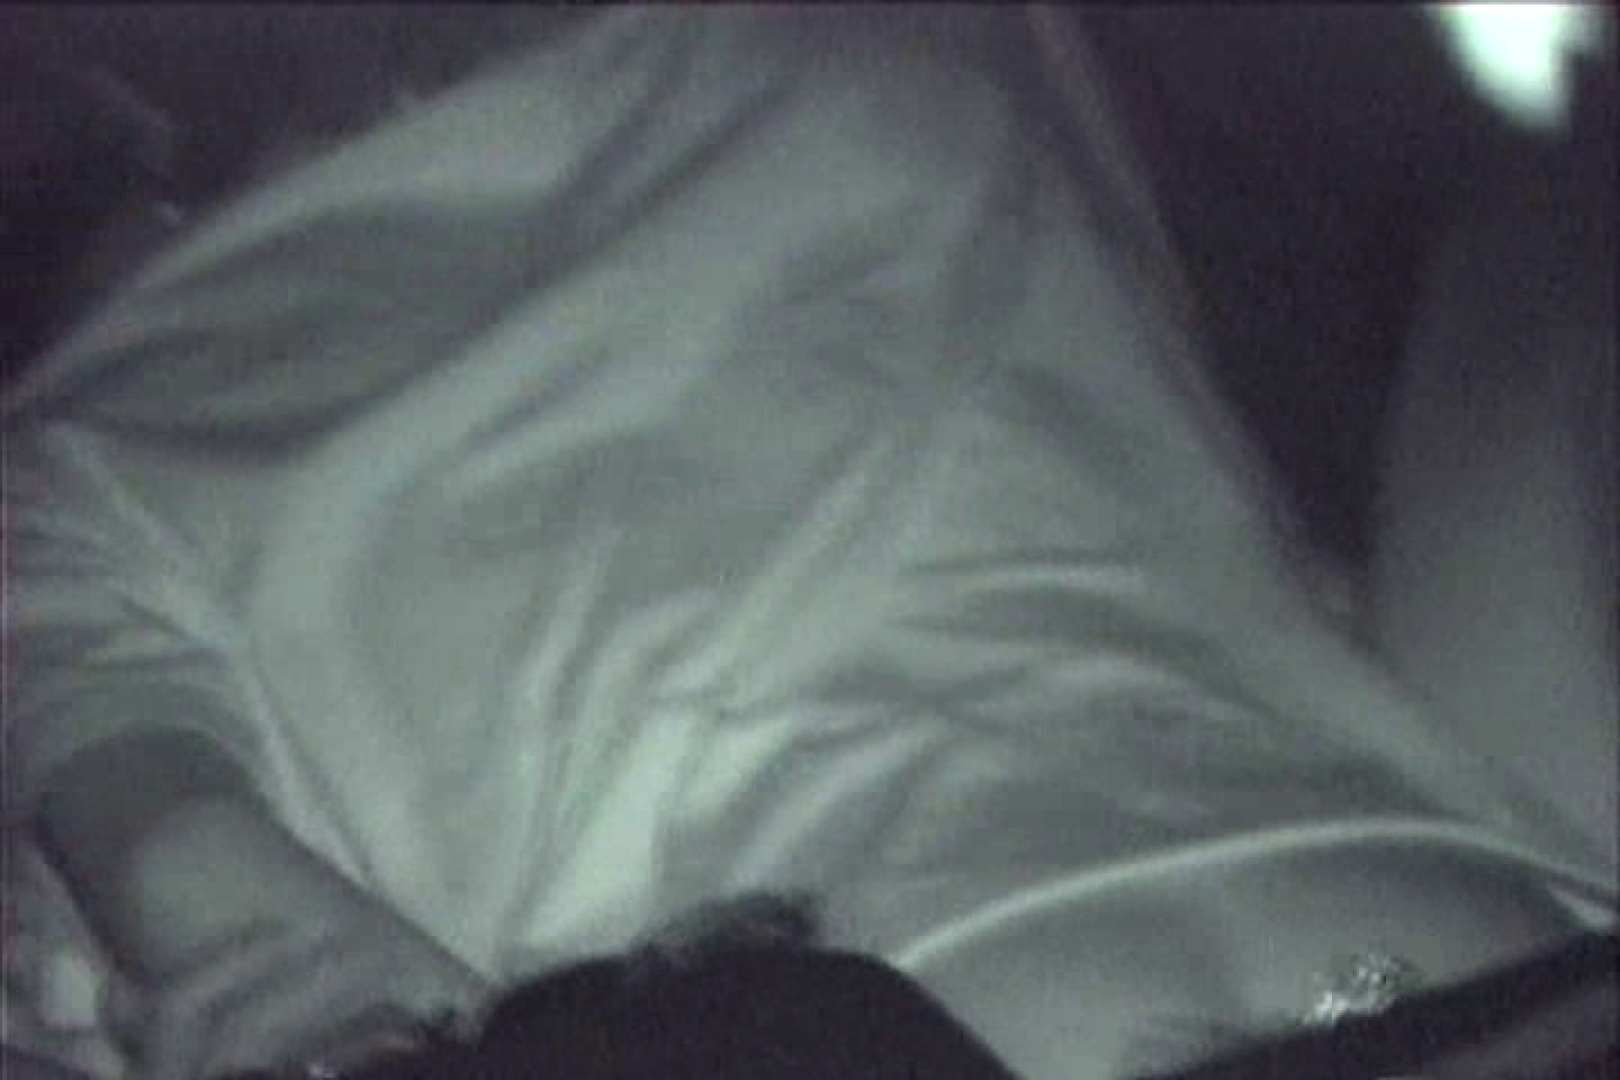 車の中はラブホテル 無修正版  Vol.21 ホテル のぞき動画キャプチャ 83pic 4